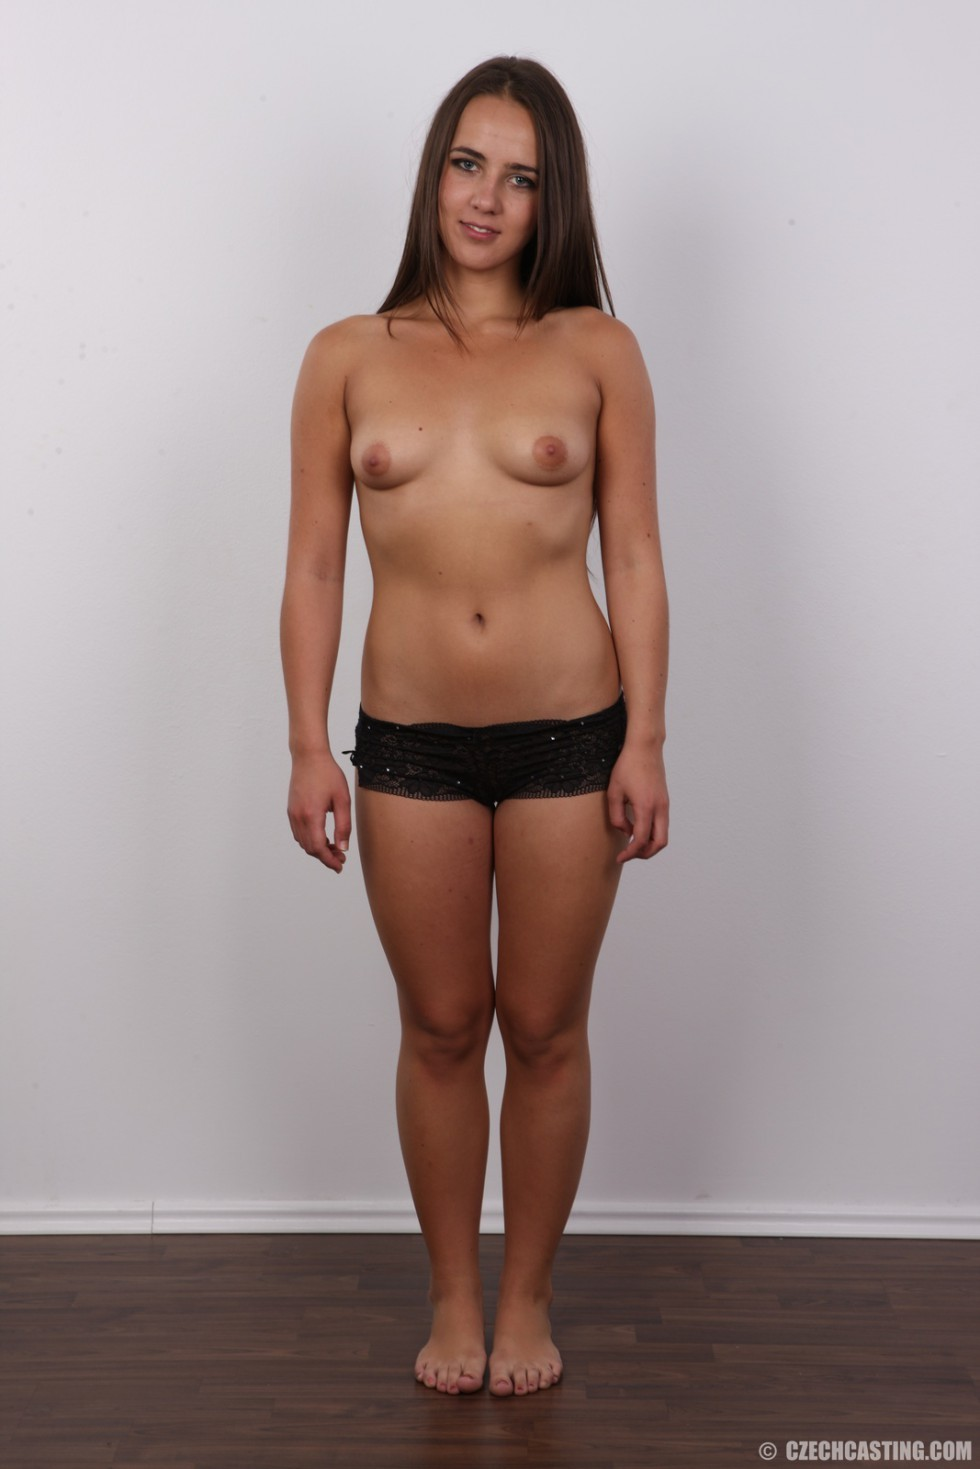 Фигуристые женщины - Галерея № 3472835